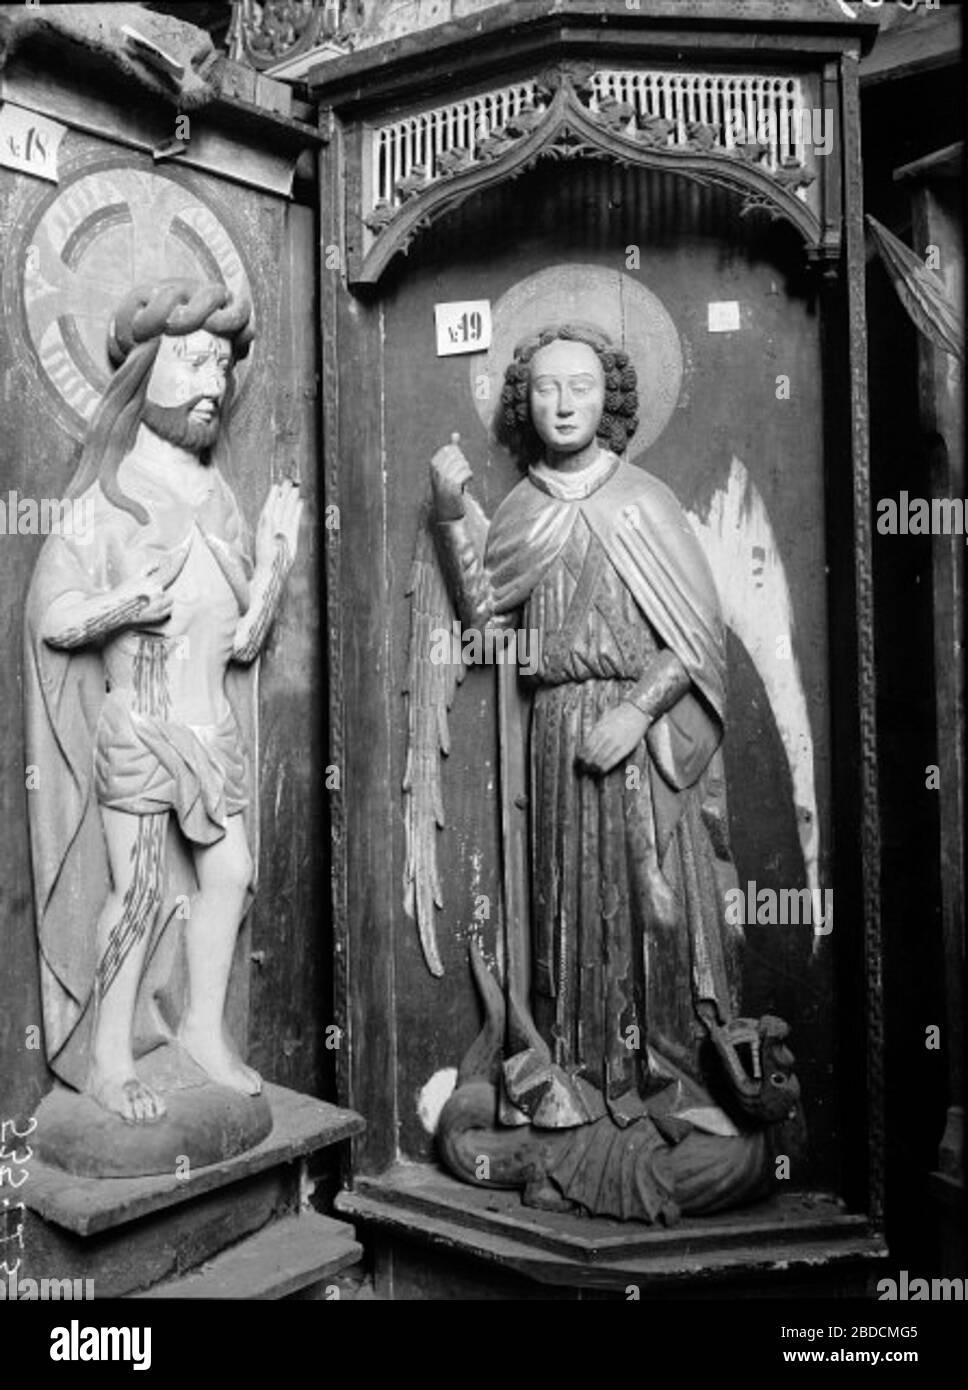 Fil:(Belgium) St. Michael & St. Gudula Cathedrall - Wikipedia